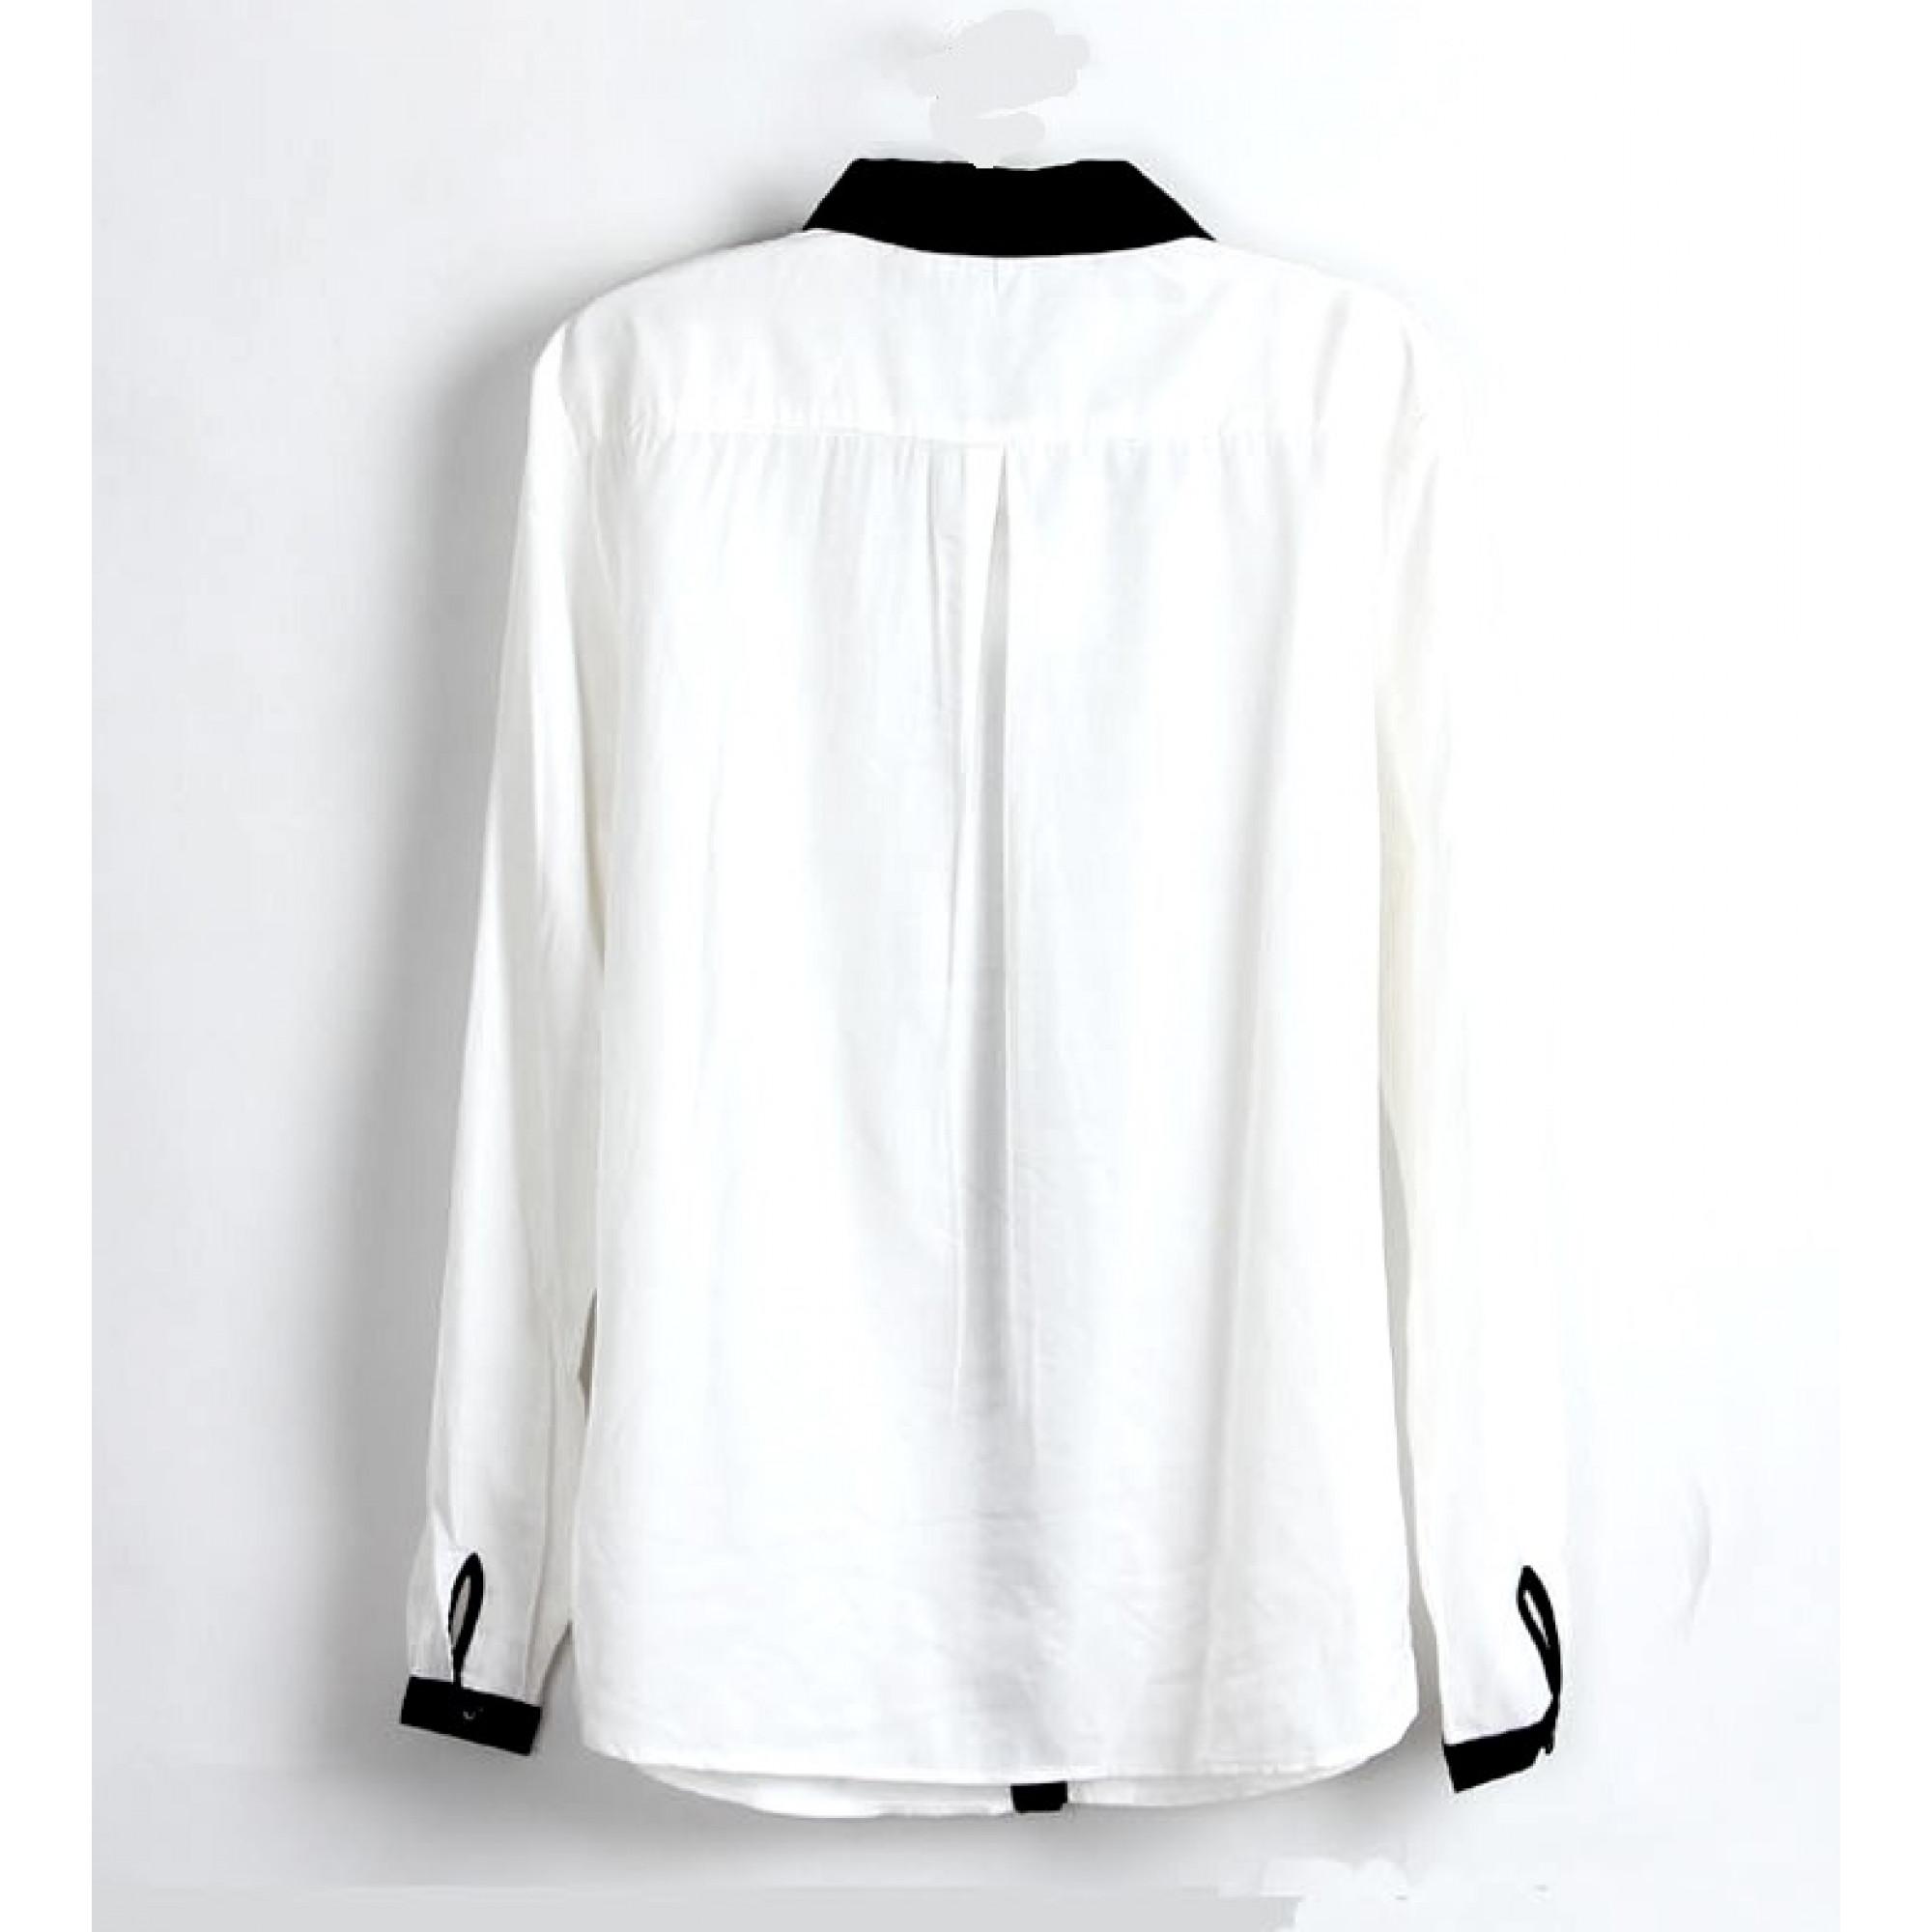 e25ee86edcc Купить белая рубашка с черным воротником — в Киеве